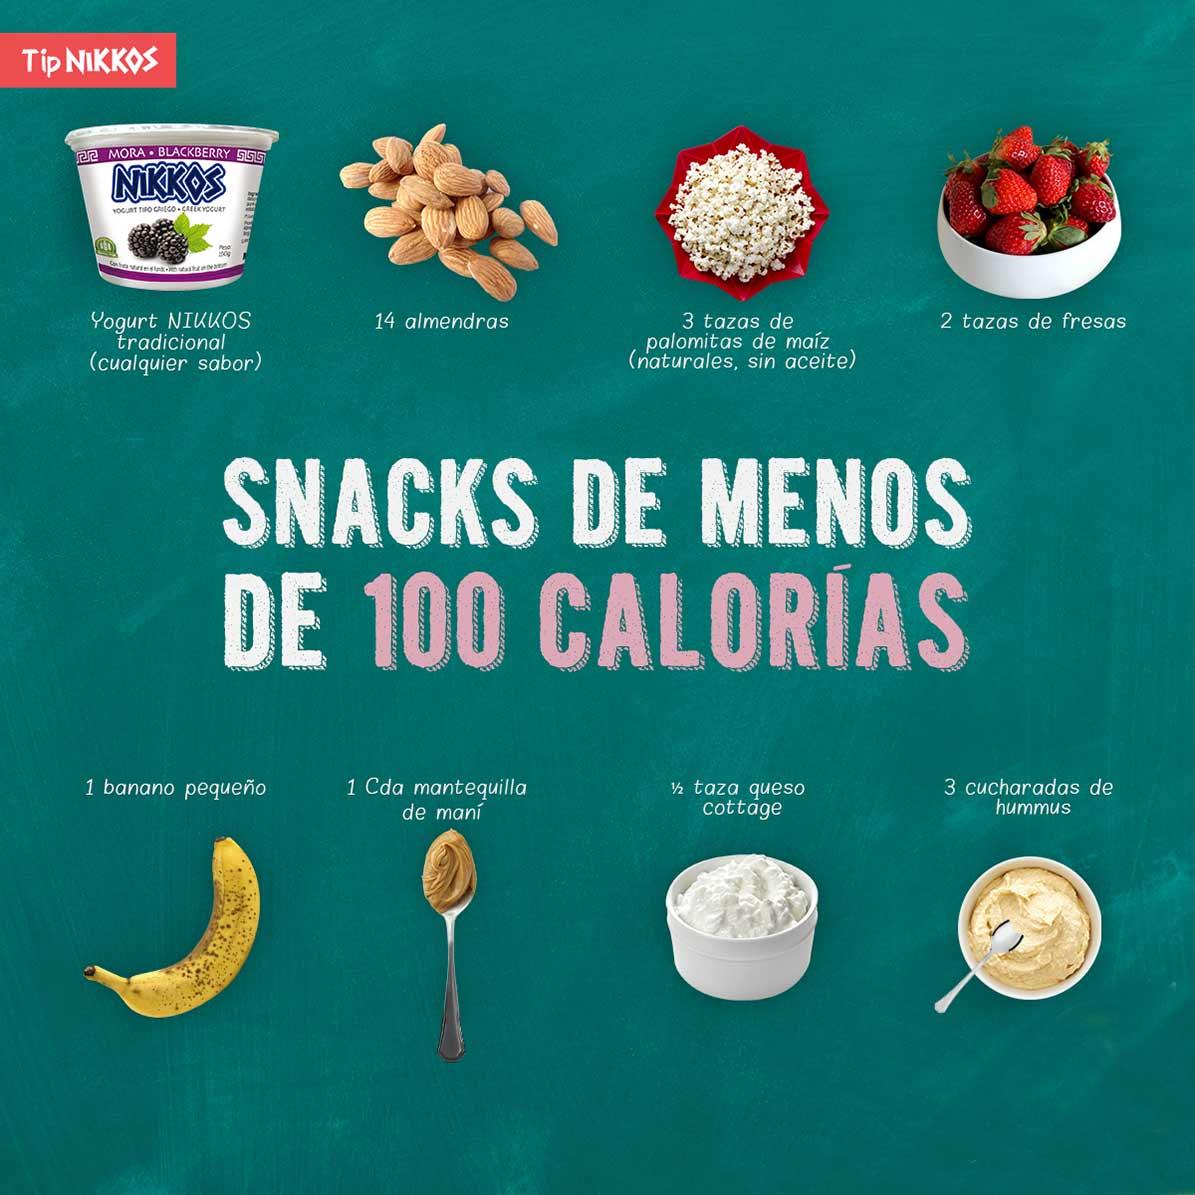 snacks_menos_calorias